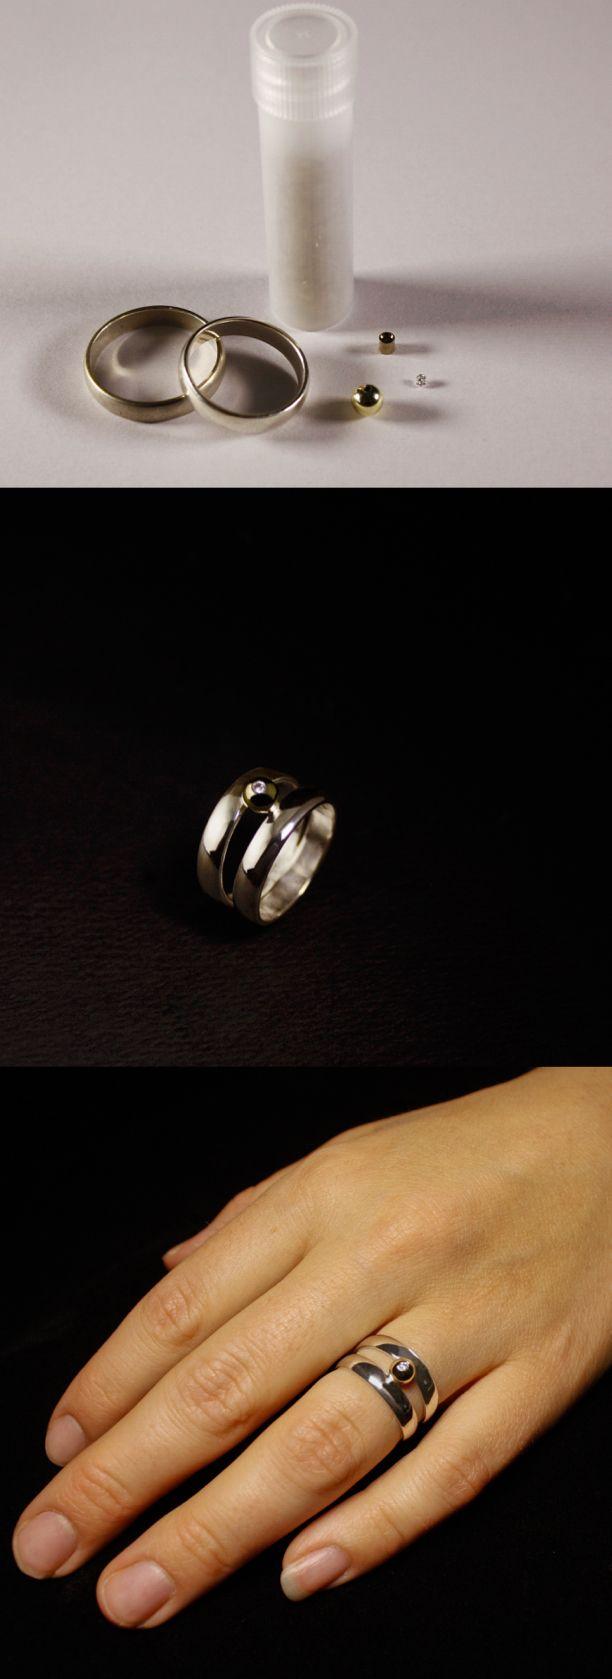 Lees hier het verhaal achter deze bijzondere asring! #goudsmidmetpassie #assieraden #omdatikjemis #herdenkingssieraden #handgemaaktesieraden #ashjewels #ashring #memorialjewelry